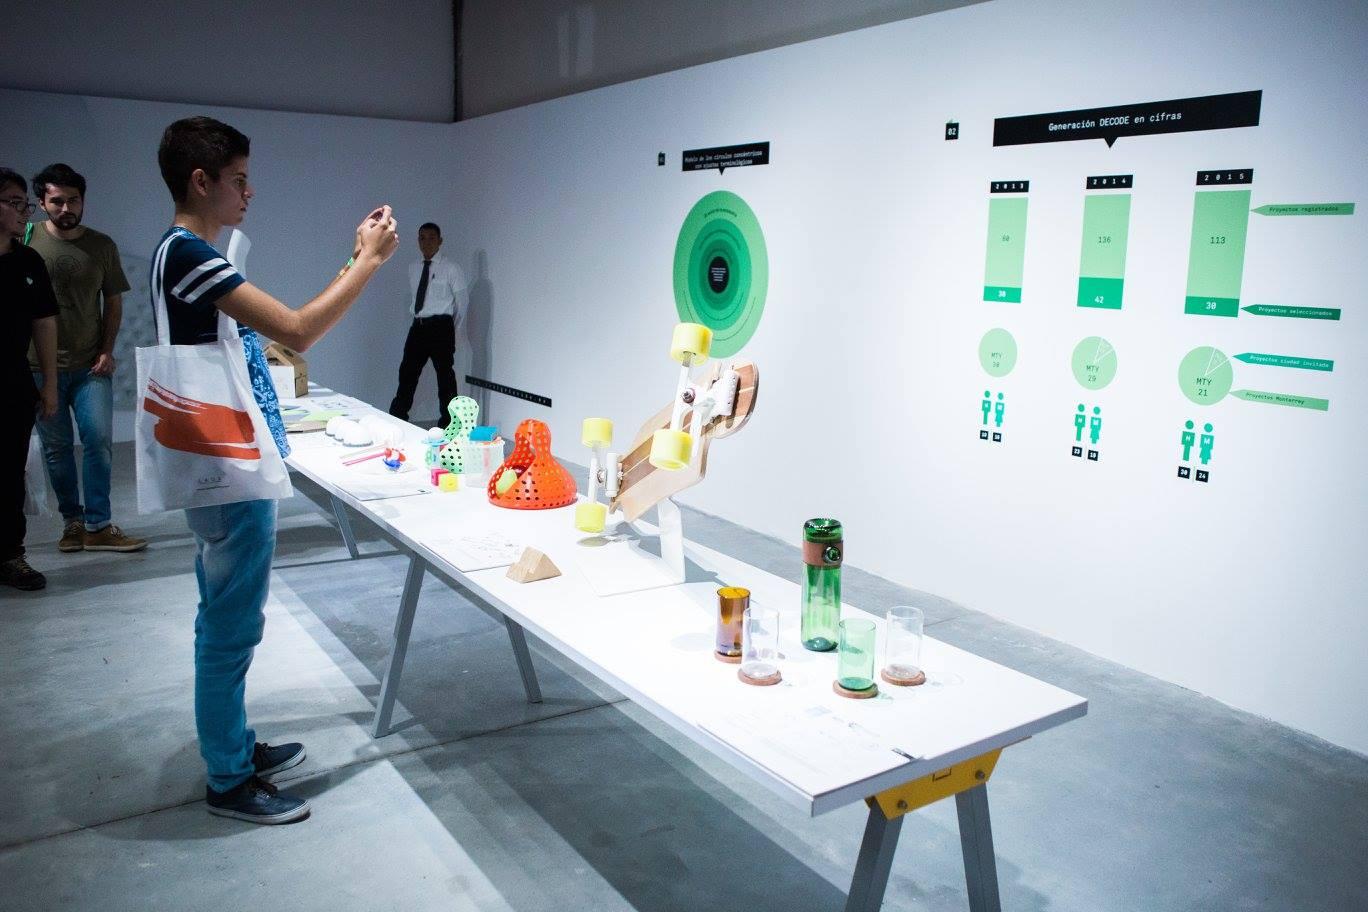 Exposición 2015 MTY NL - Nave Generadores CONARTE CDMX - Pabellón Universitario, Abierto Mexicano de Diseño Puebla - Centro Cultural Universitario *Ciudad Invitada: Puebla